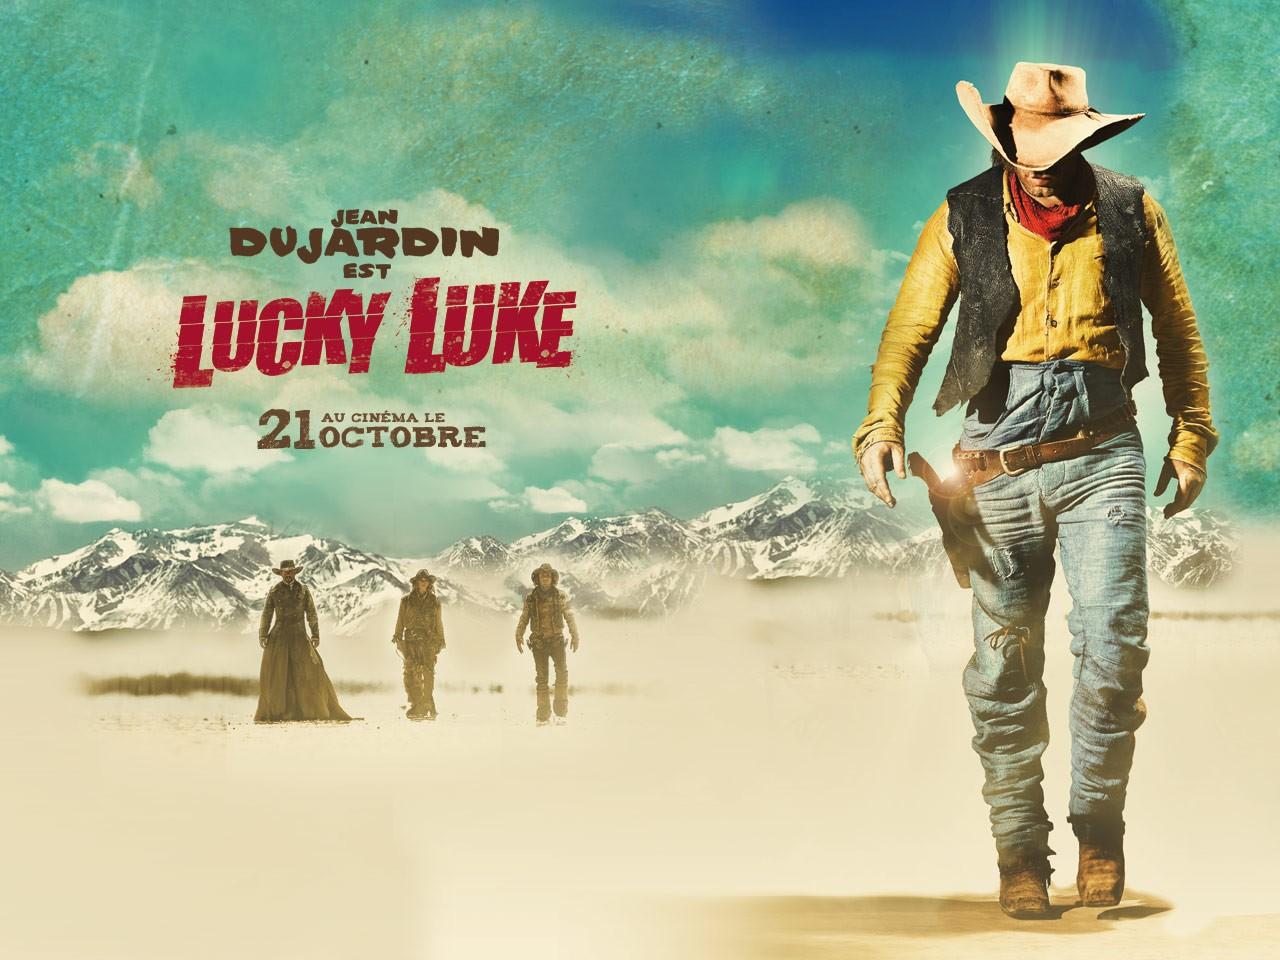 Un wallpaper ufficiale per il film Lucky Luke